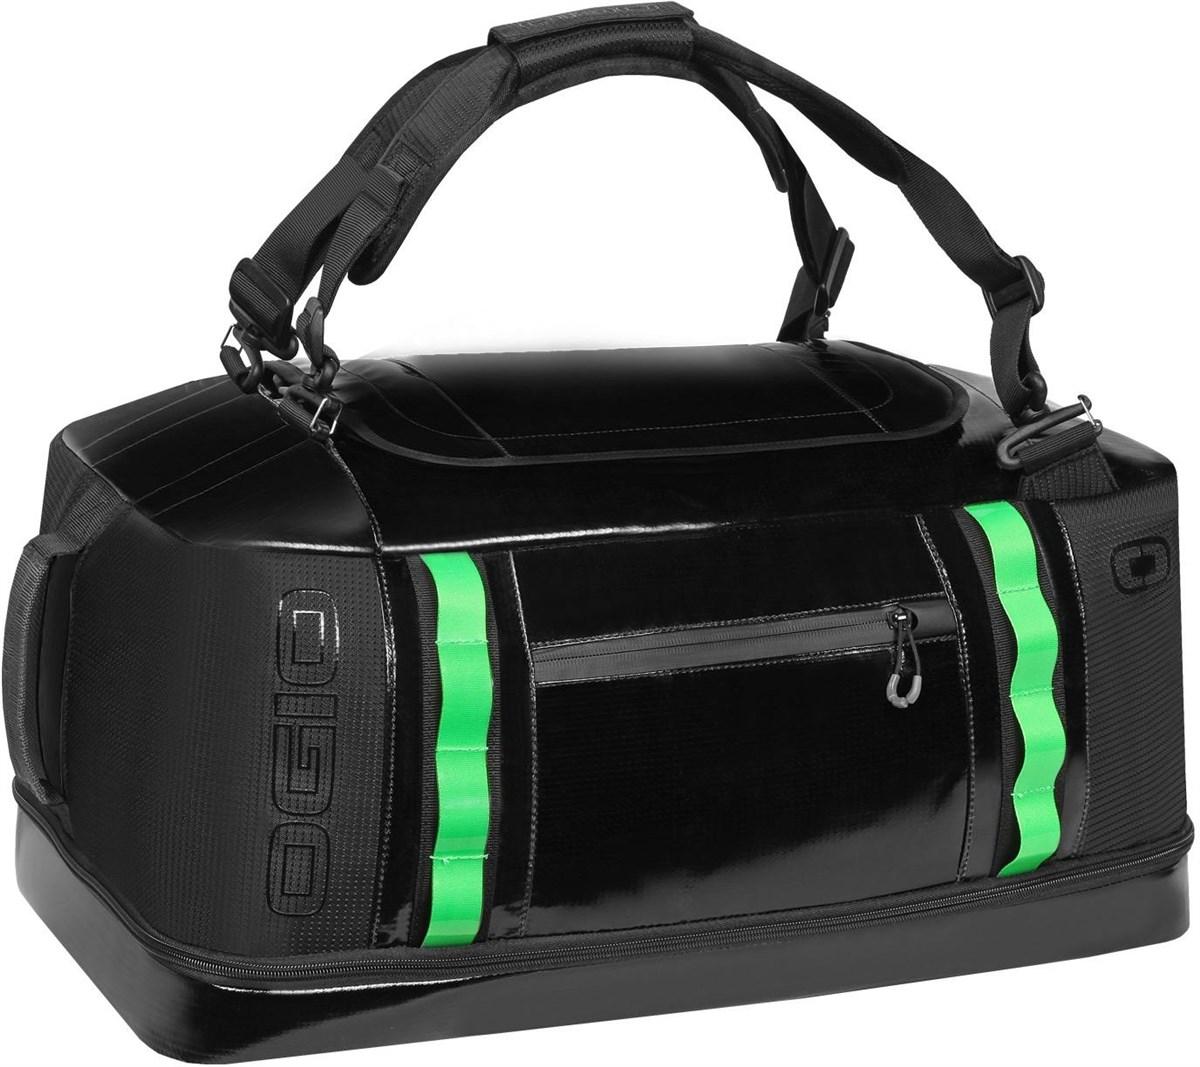 Ogio Resist Duffel Bag | Travel bags